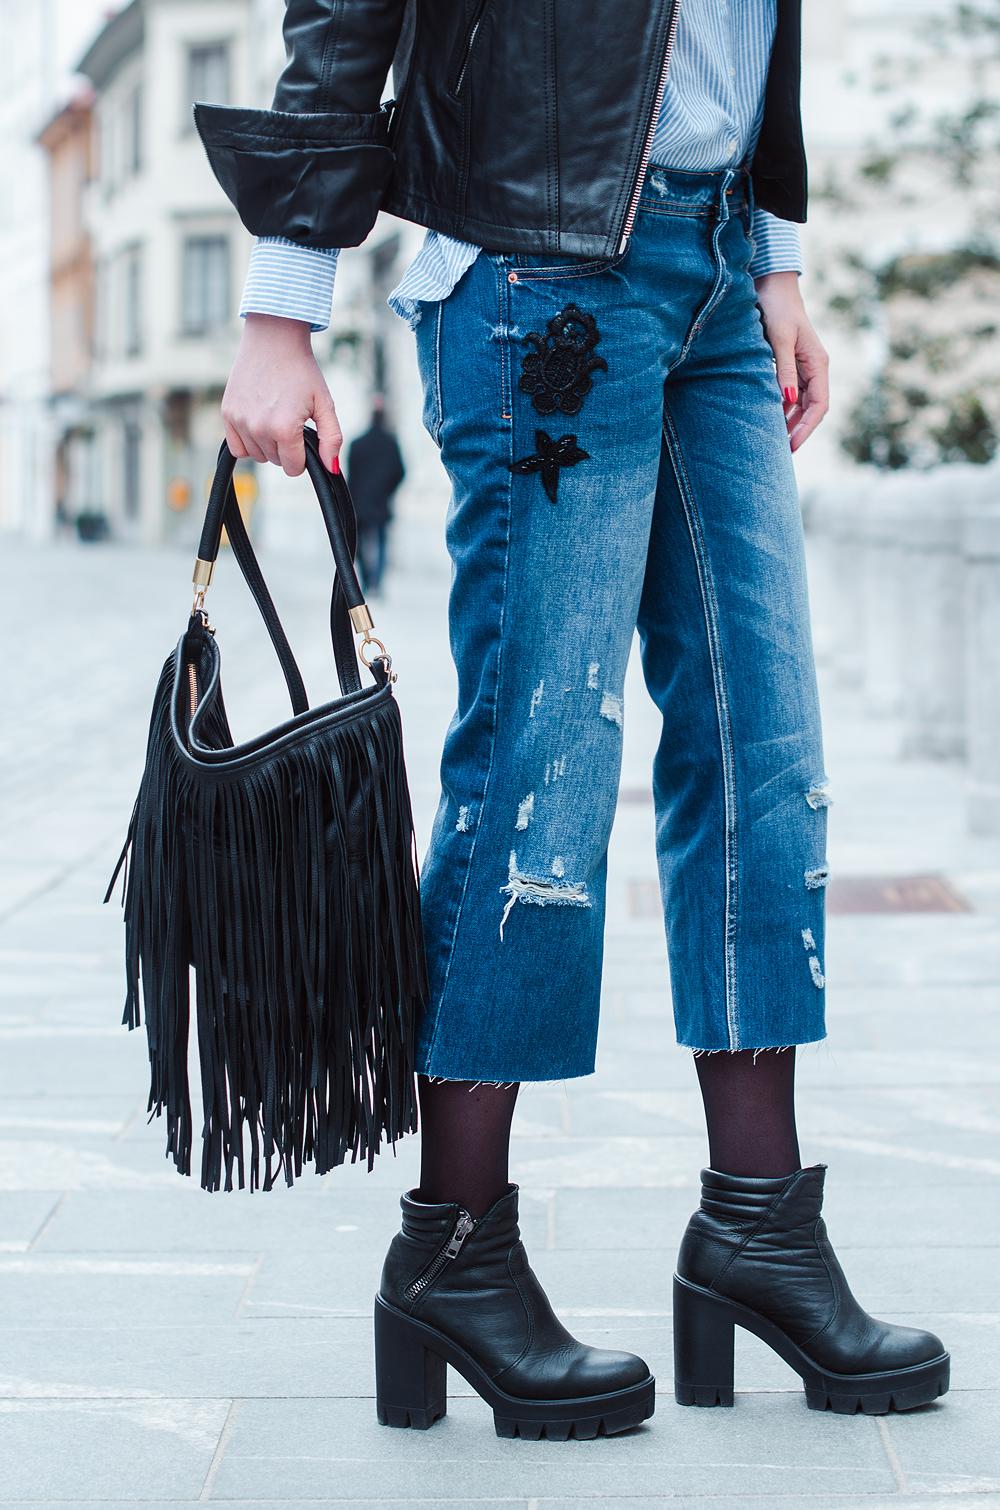 Eva Ahačevčič_Love, Eva_Diesel_leather jacket_Modni dodatki Bling bling_Crop pants_OOTD_Fringes_H&M 7